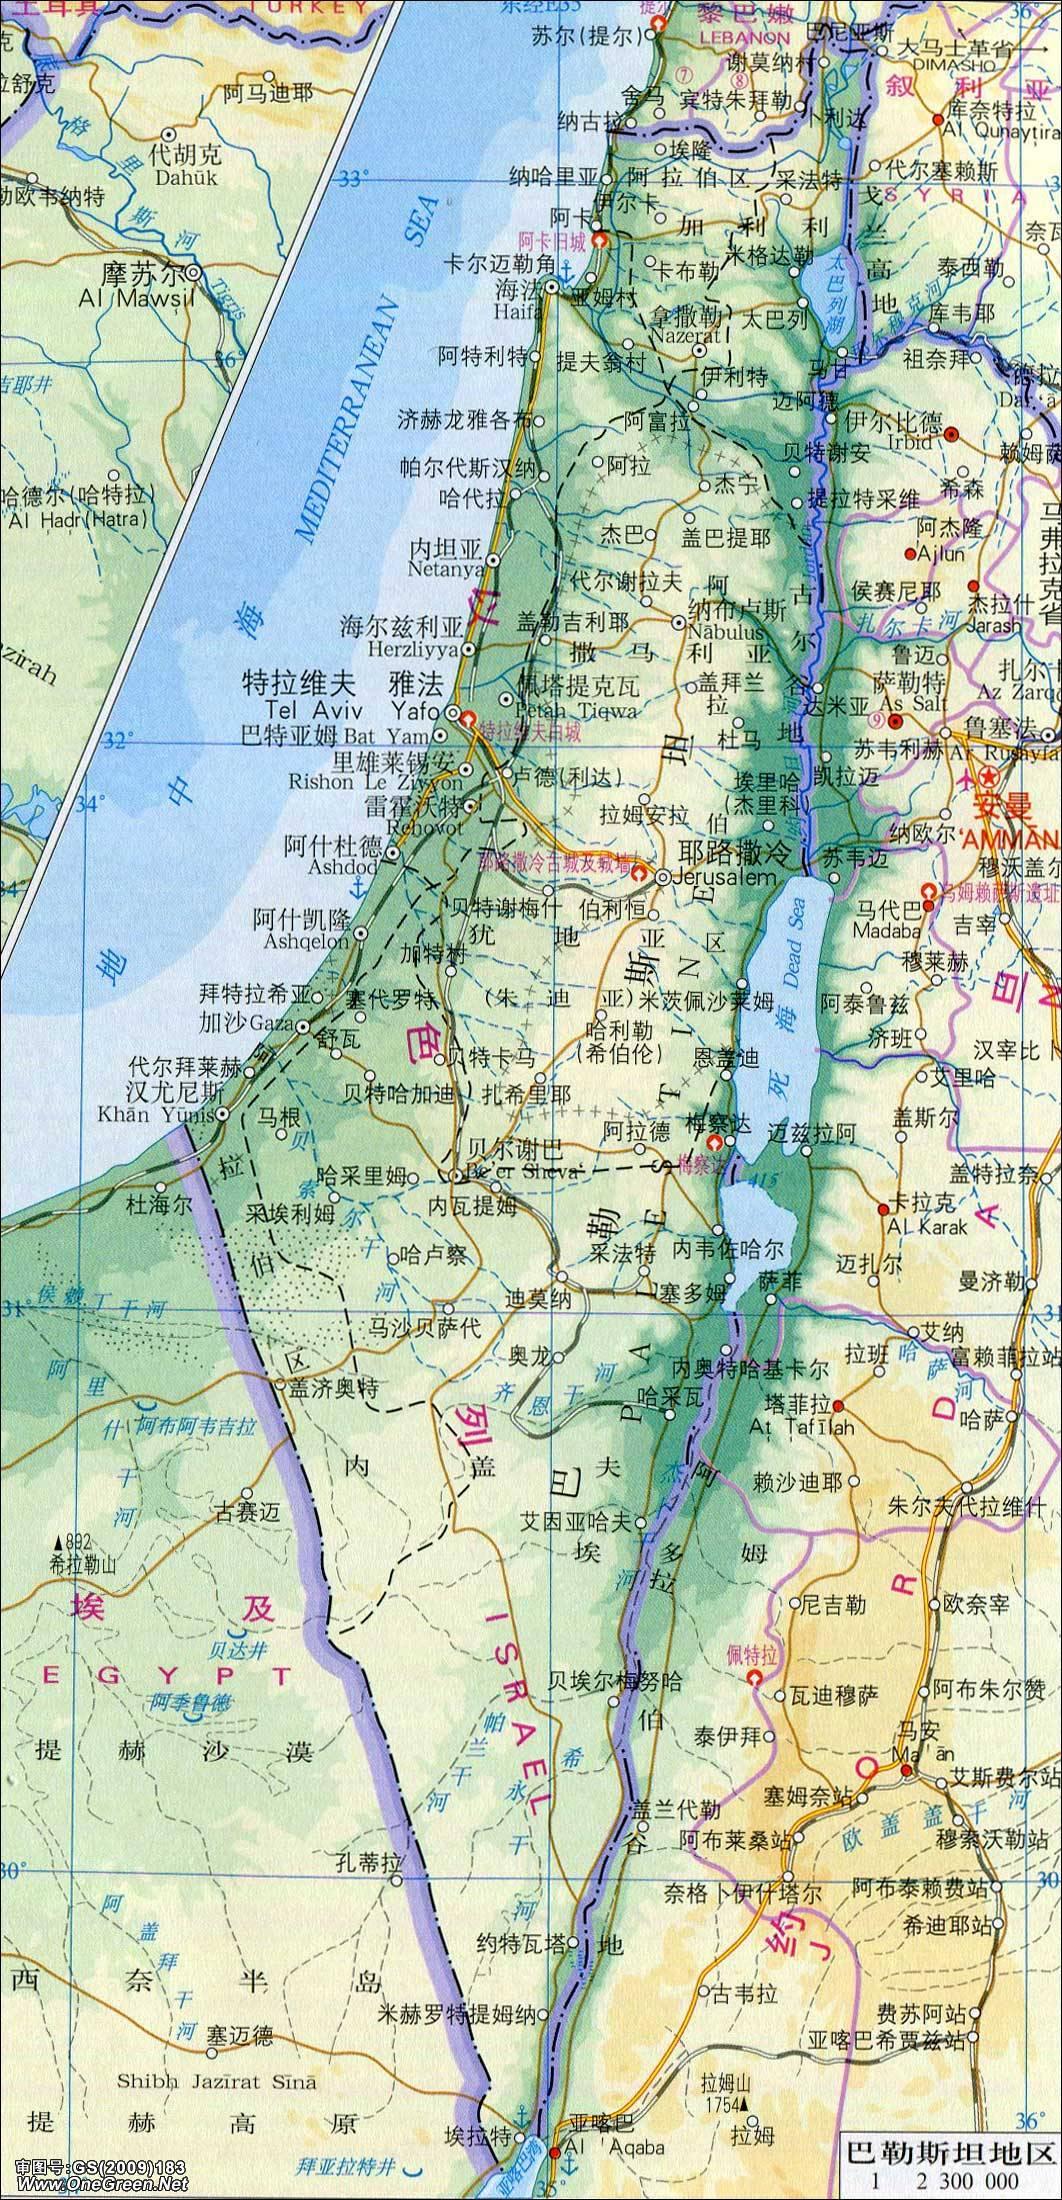 中东地图_中东地图_巴勒斯坦地区地图_亚洲地图库_地图窝